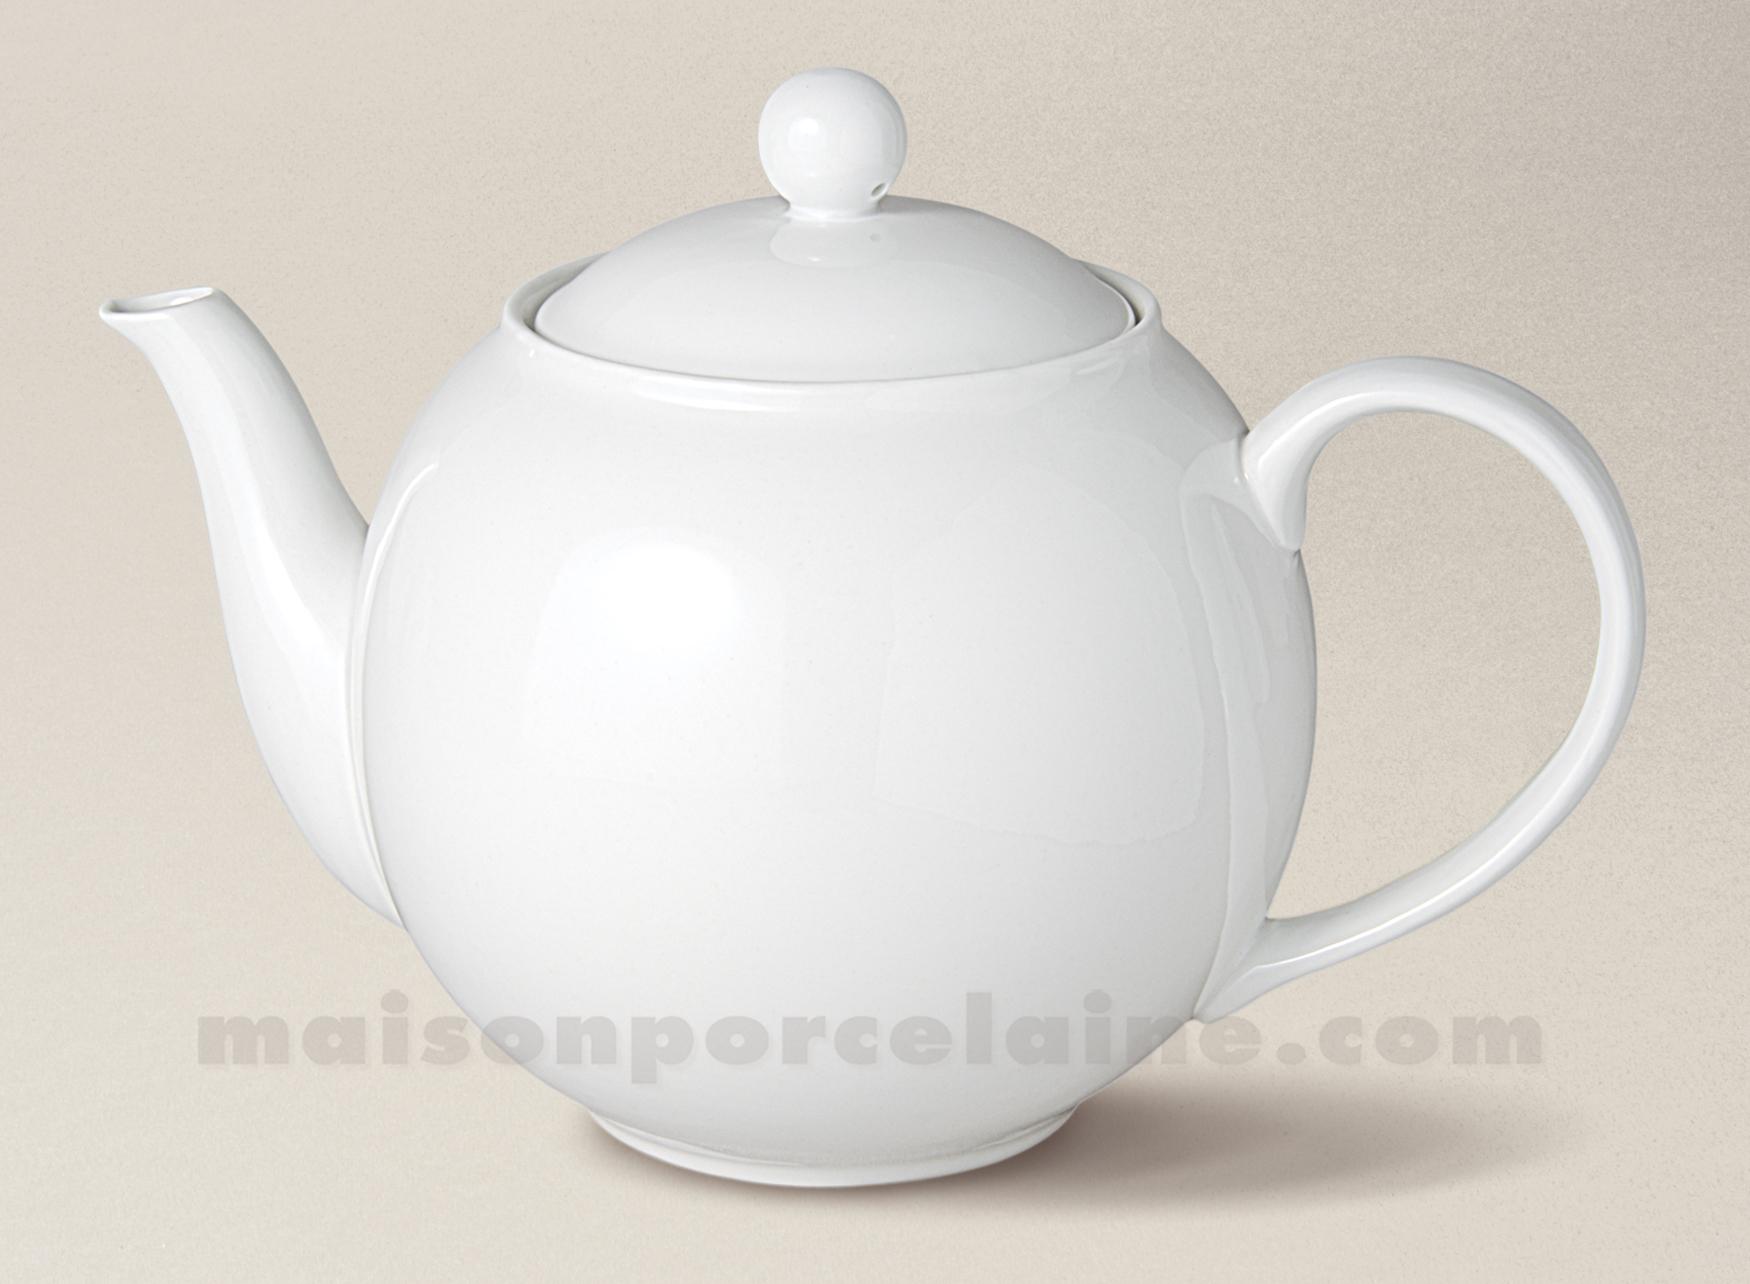 theiere boule flandre porcelaine blanche gm 1 4l maison de la porcelaine. Black Bedroom Furniture Sets. Home Design Ideas